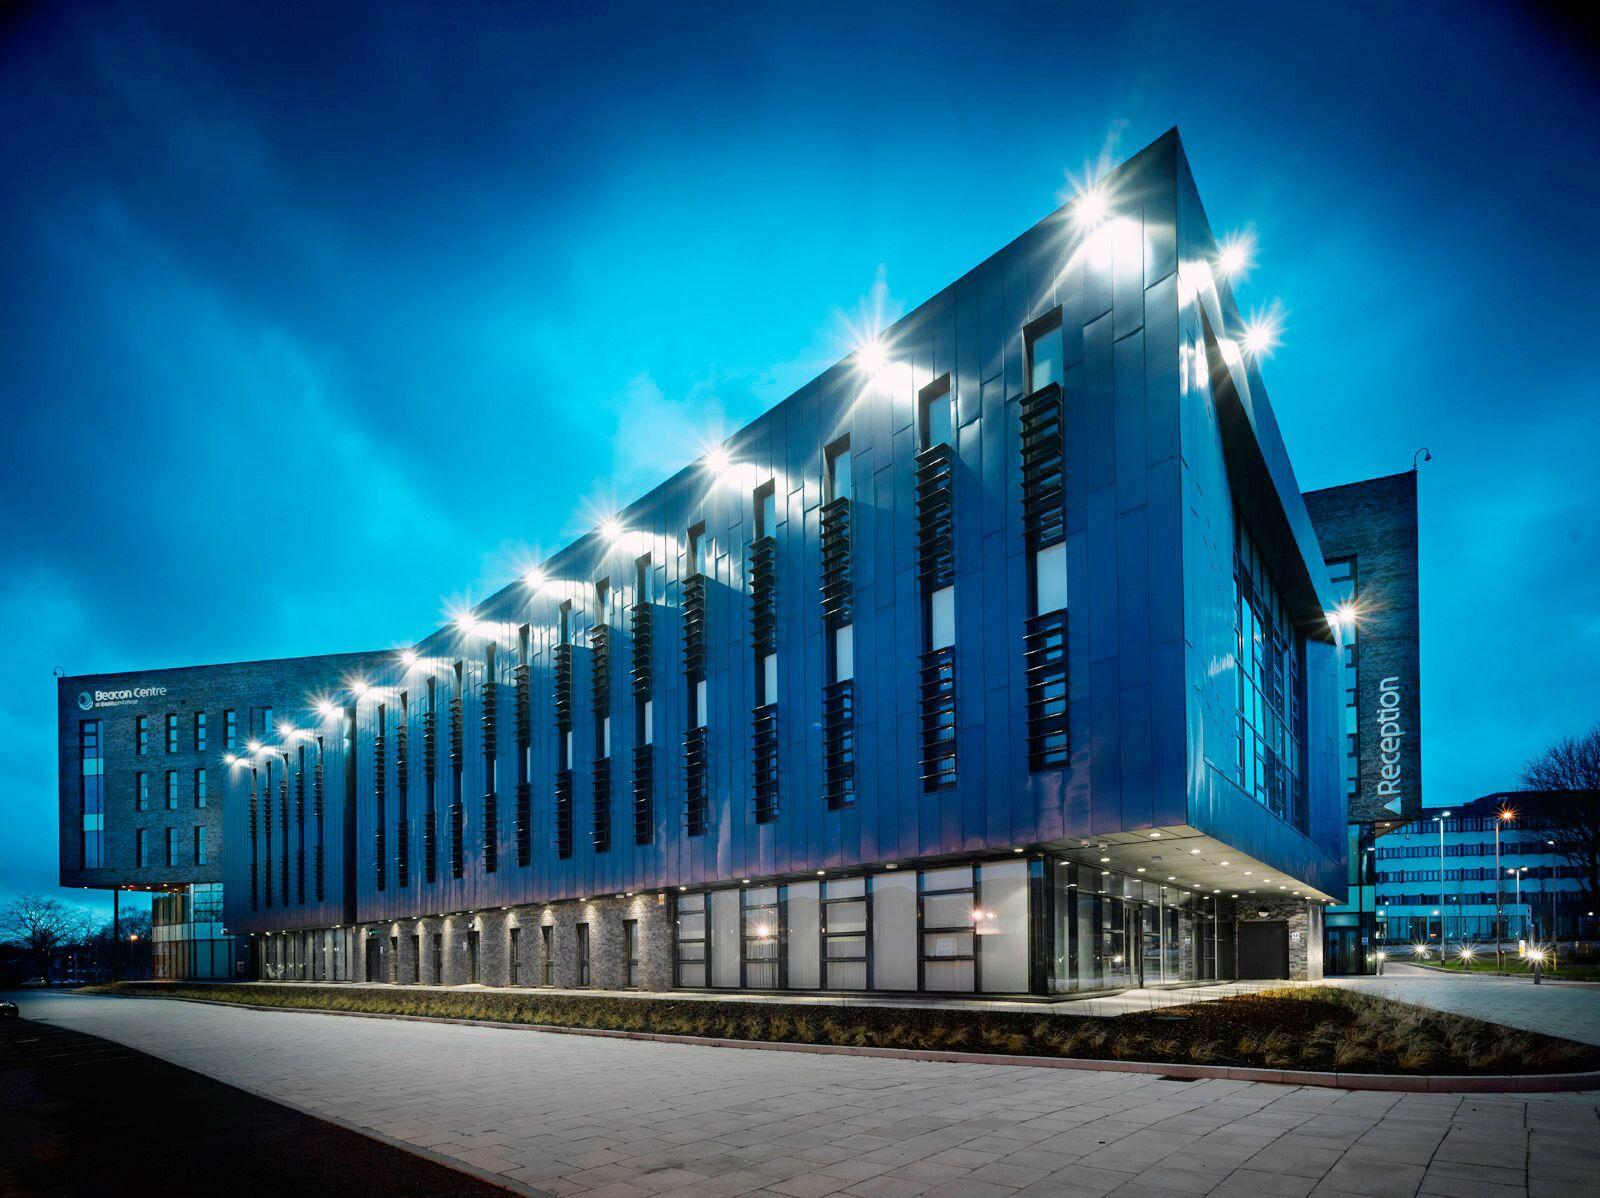 Blackburn College Beacon Centre